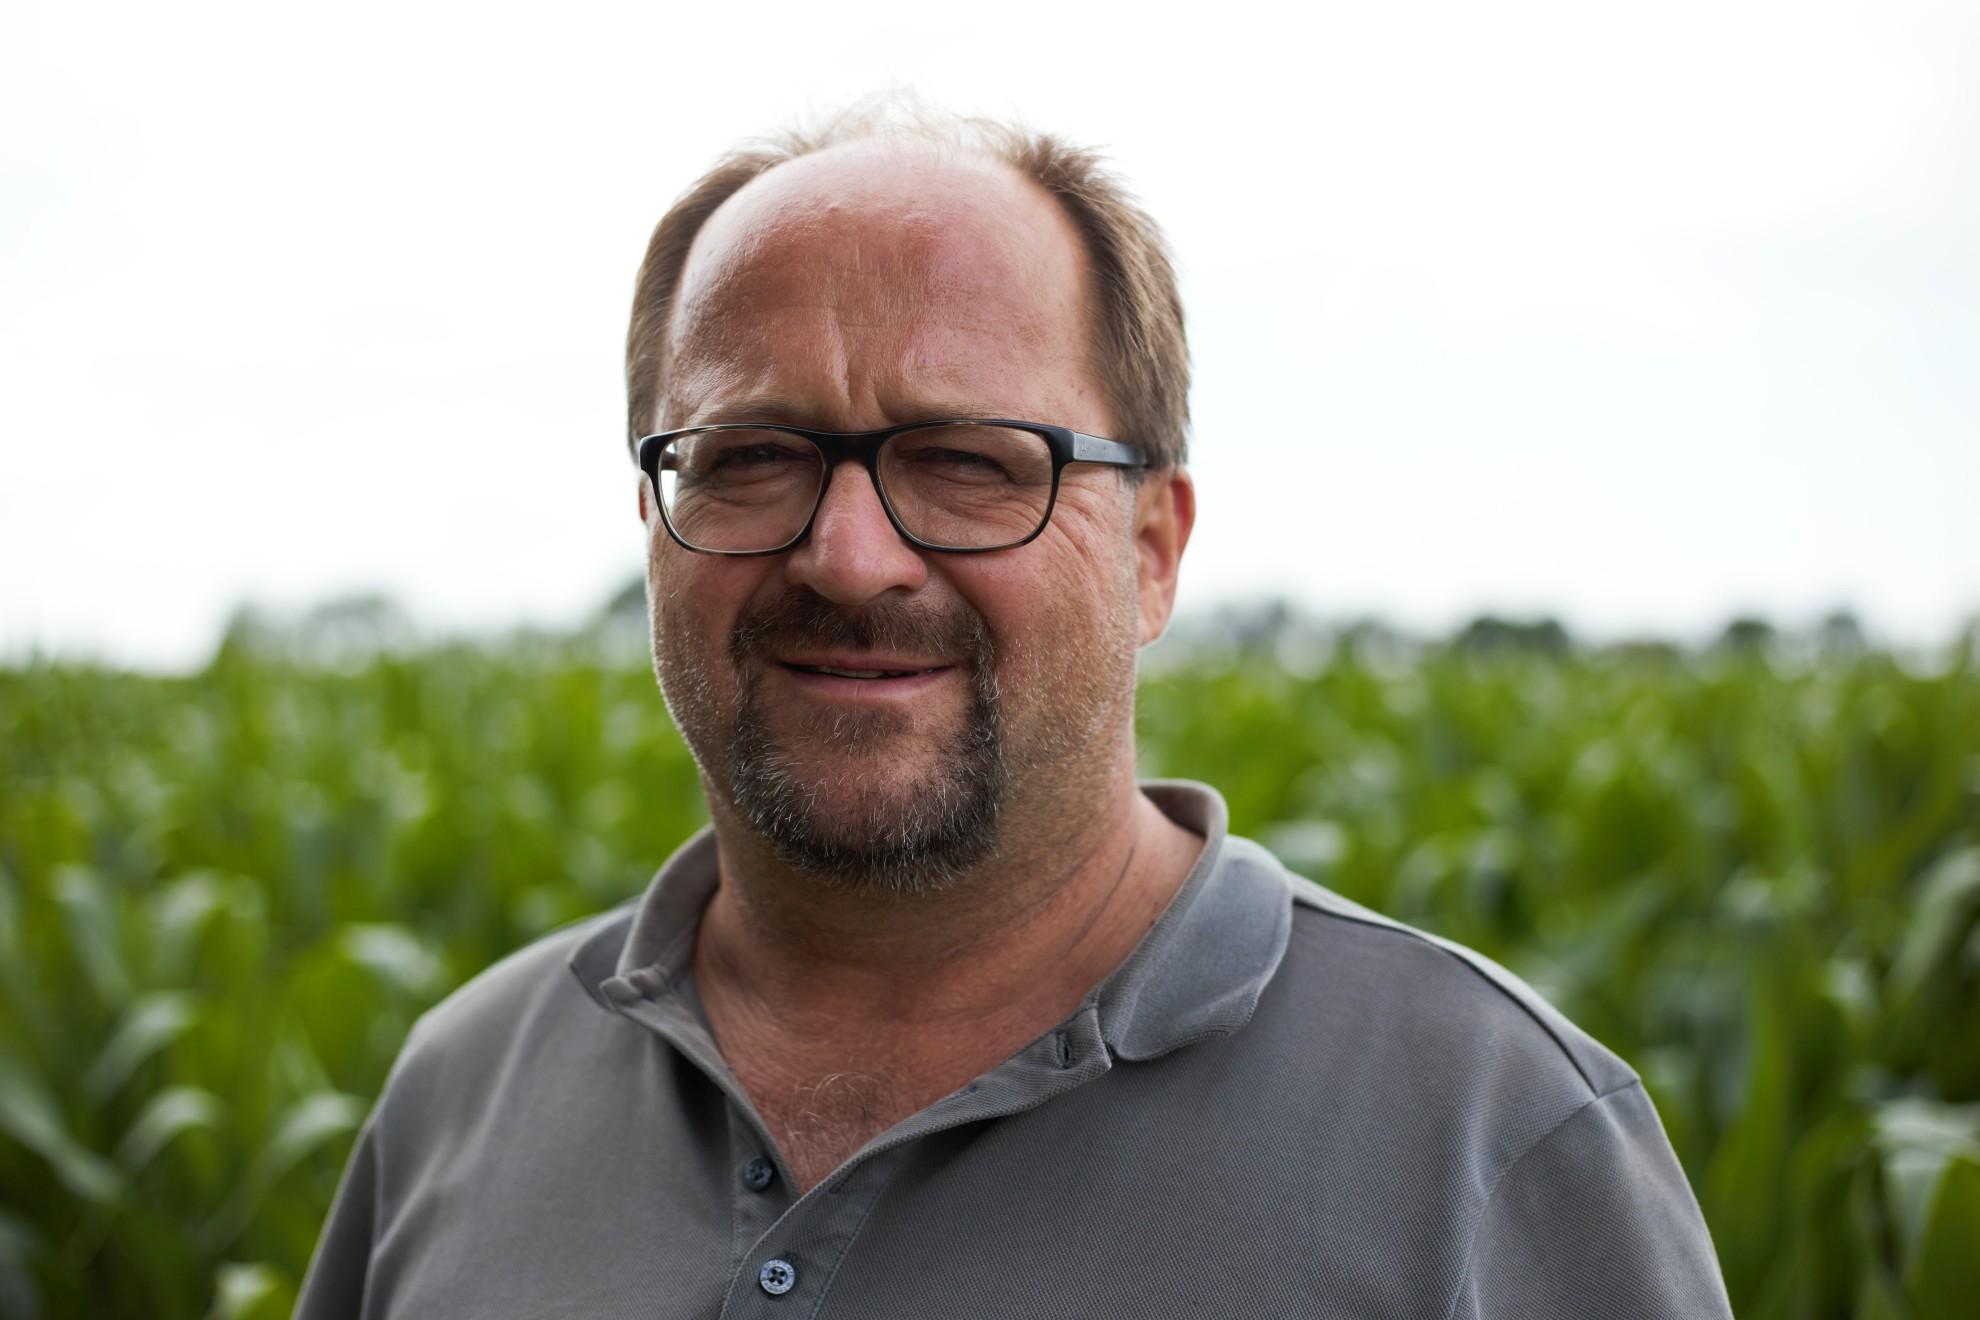 Steffen Irmer vor einem Maisfeld.